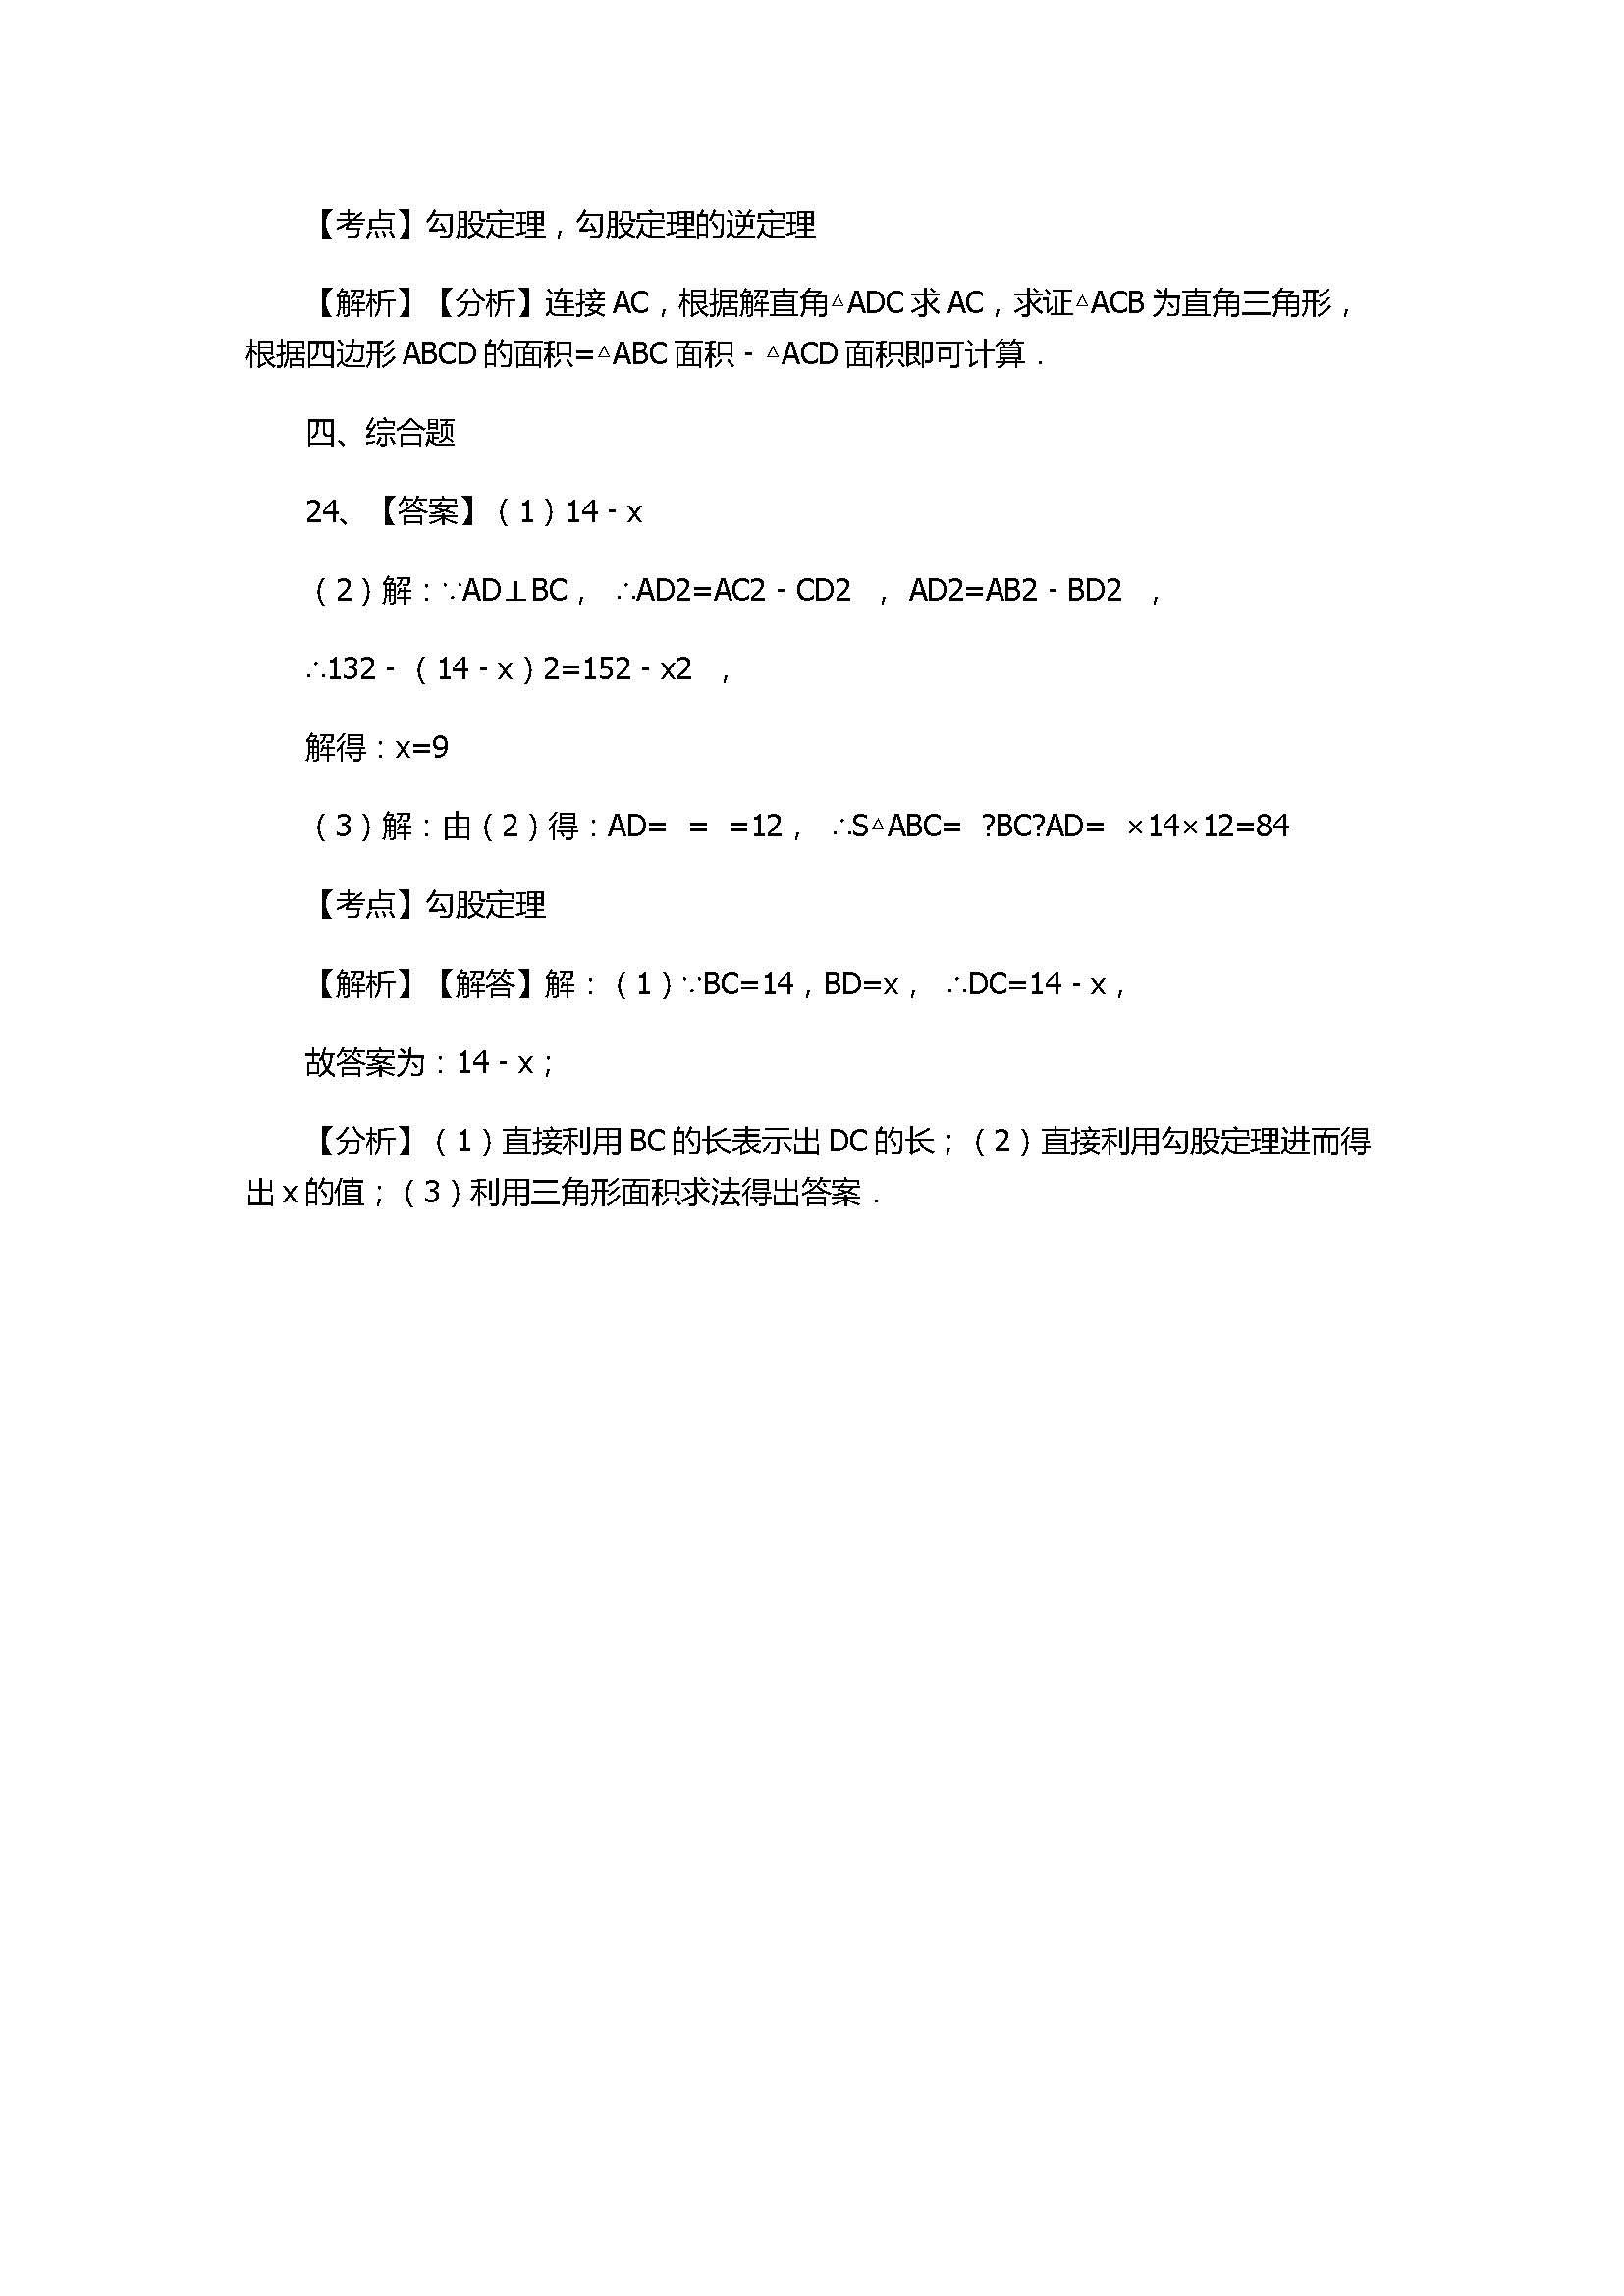 第一章 勾股定理单元测试题(含答案)- 豆丁网